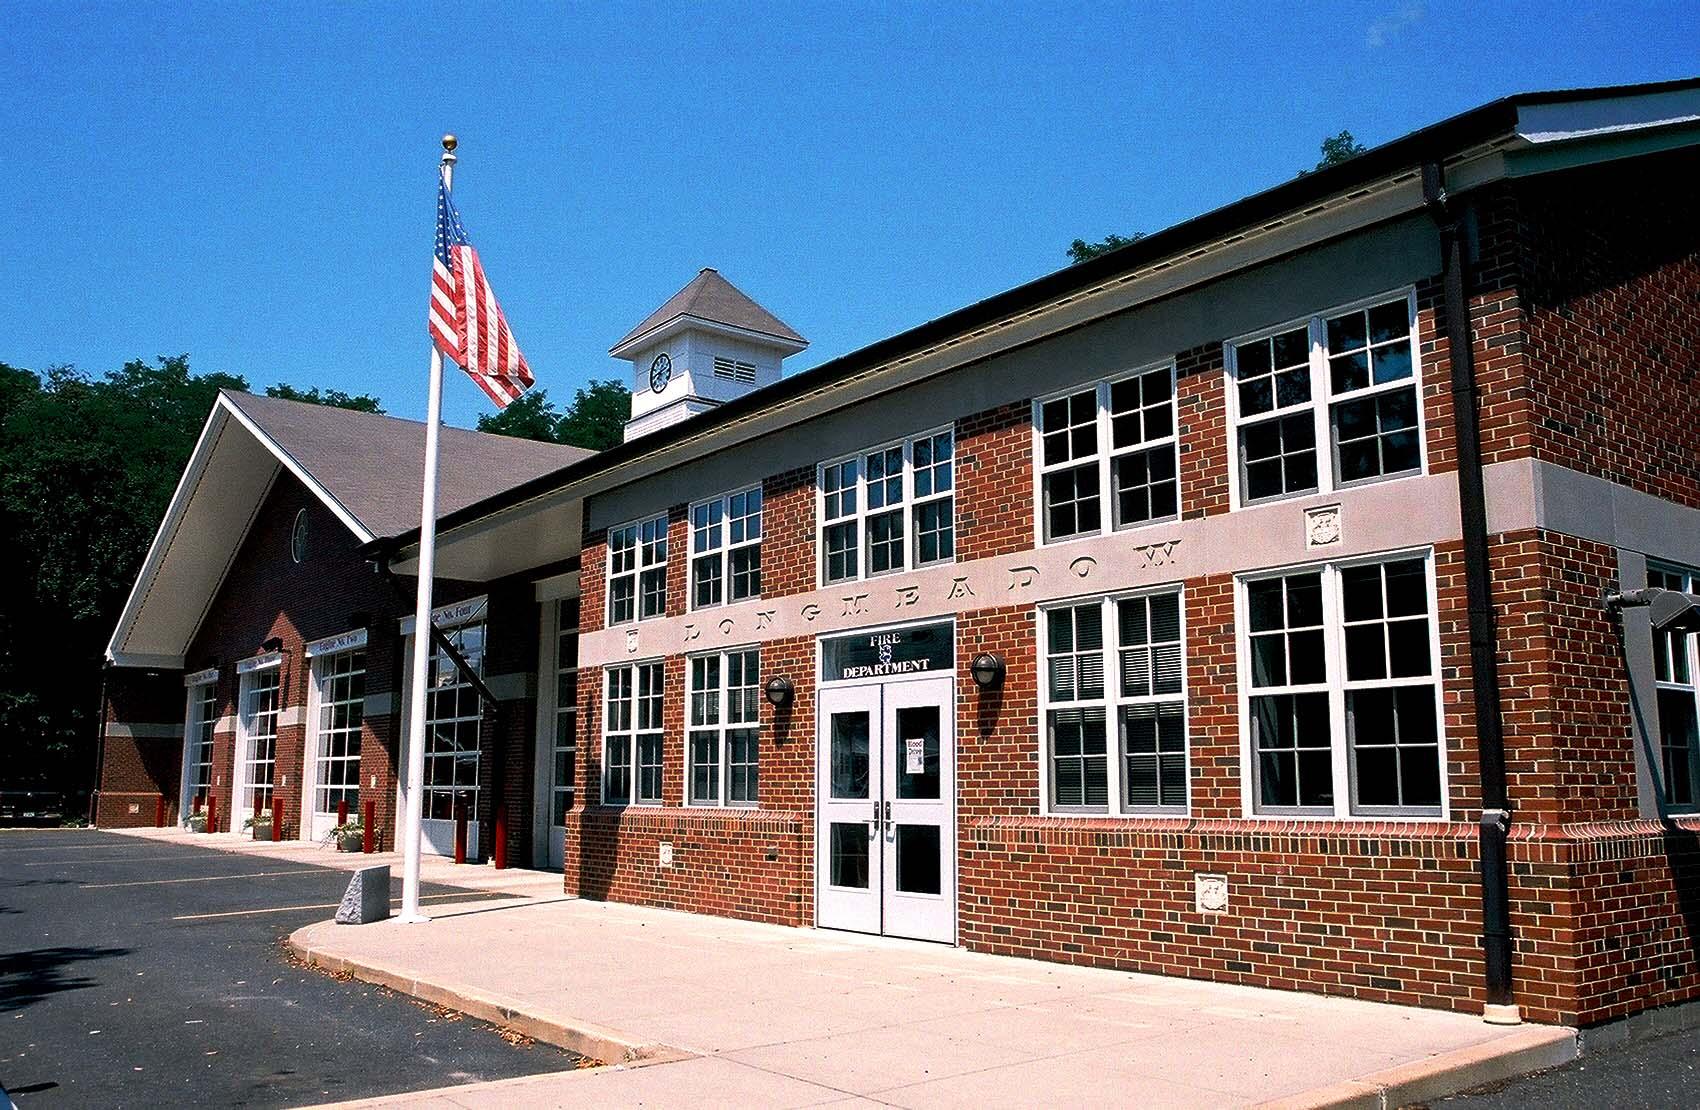 Longmeadow Fire Station